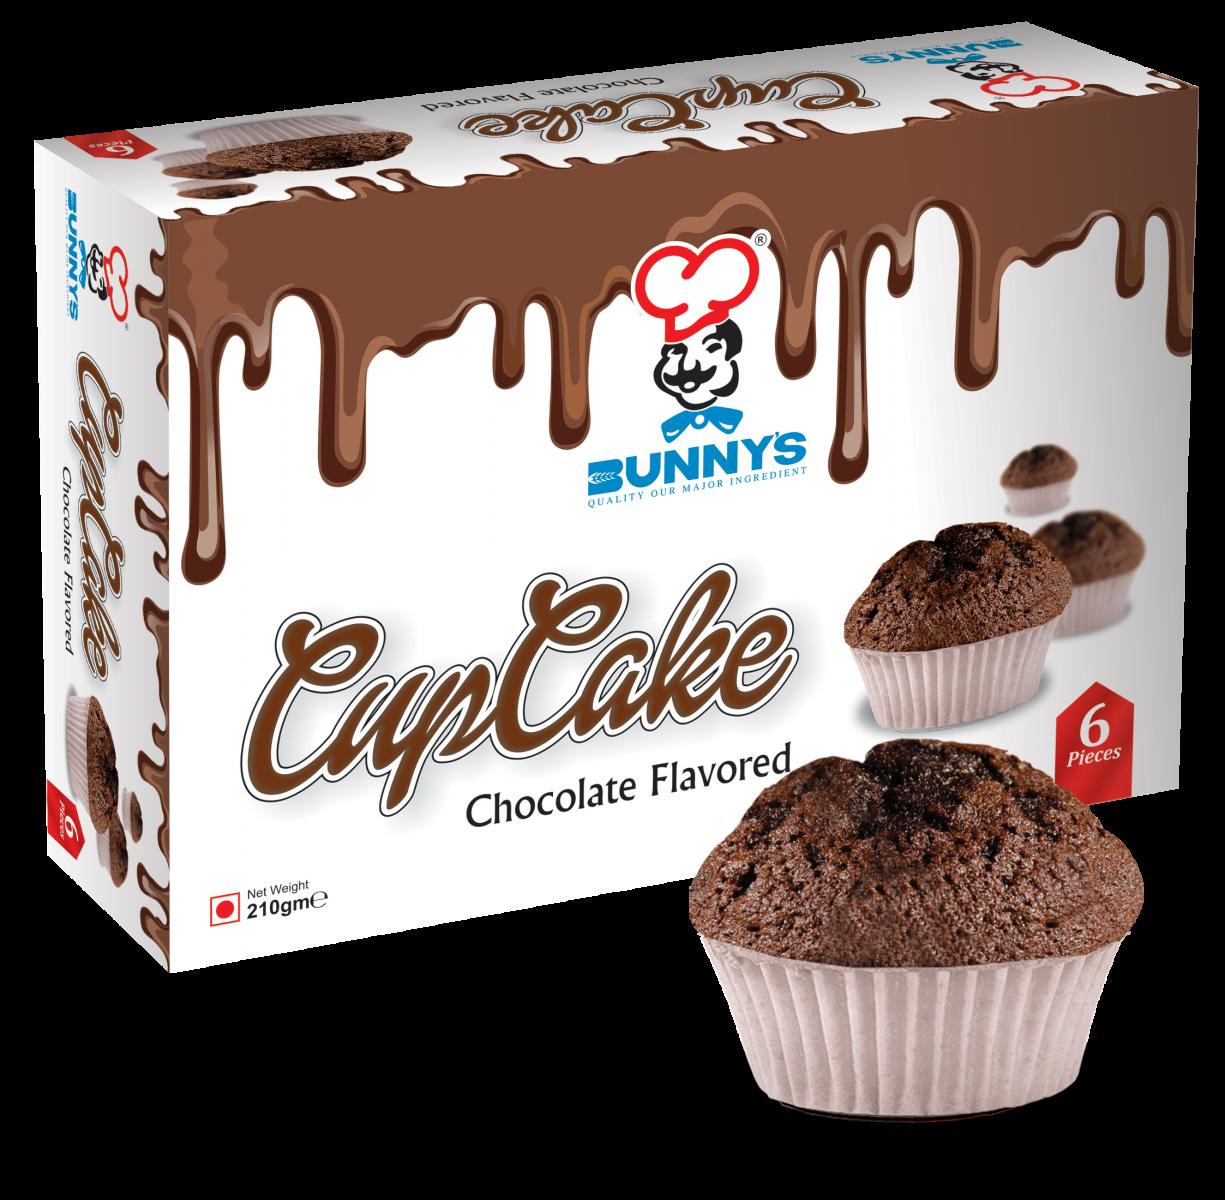 bunnys-chocolate-cupcake